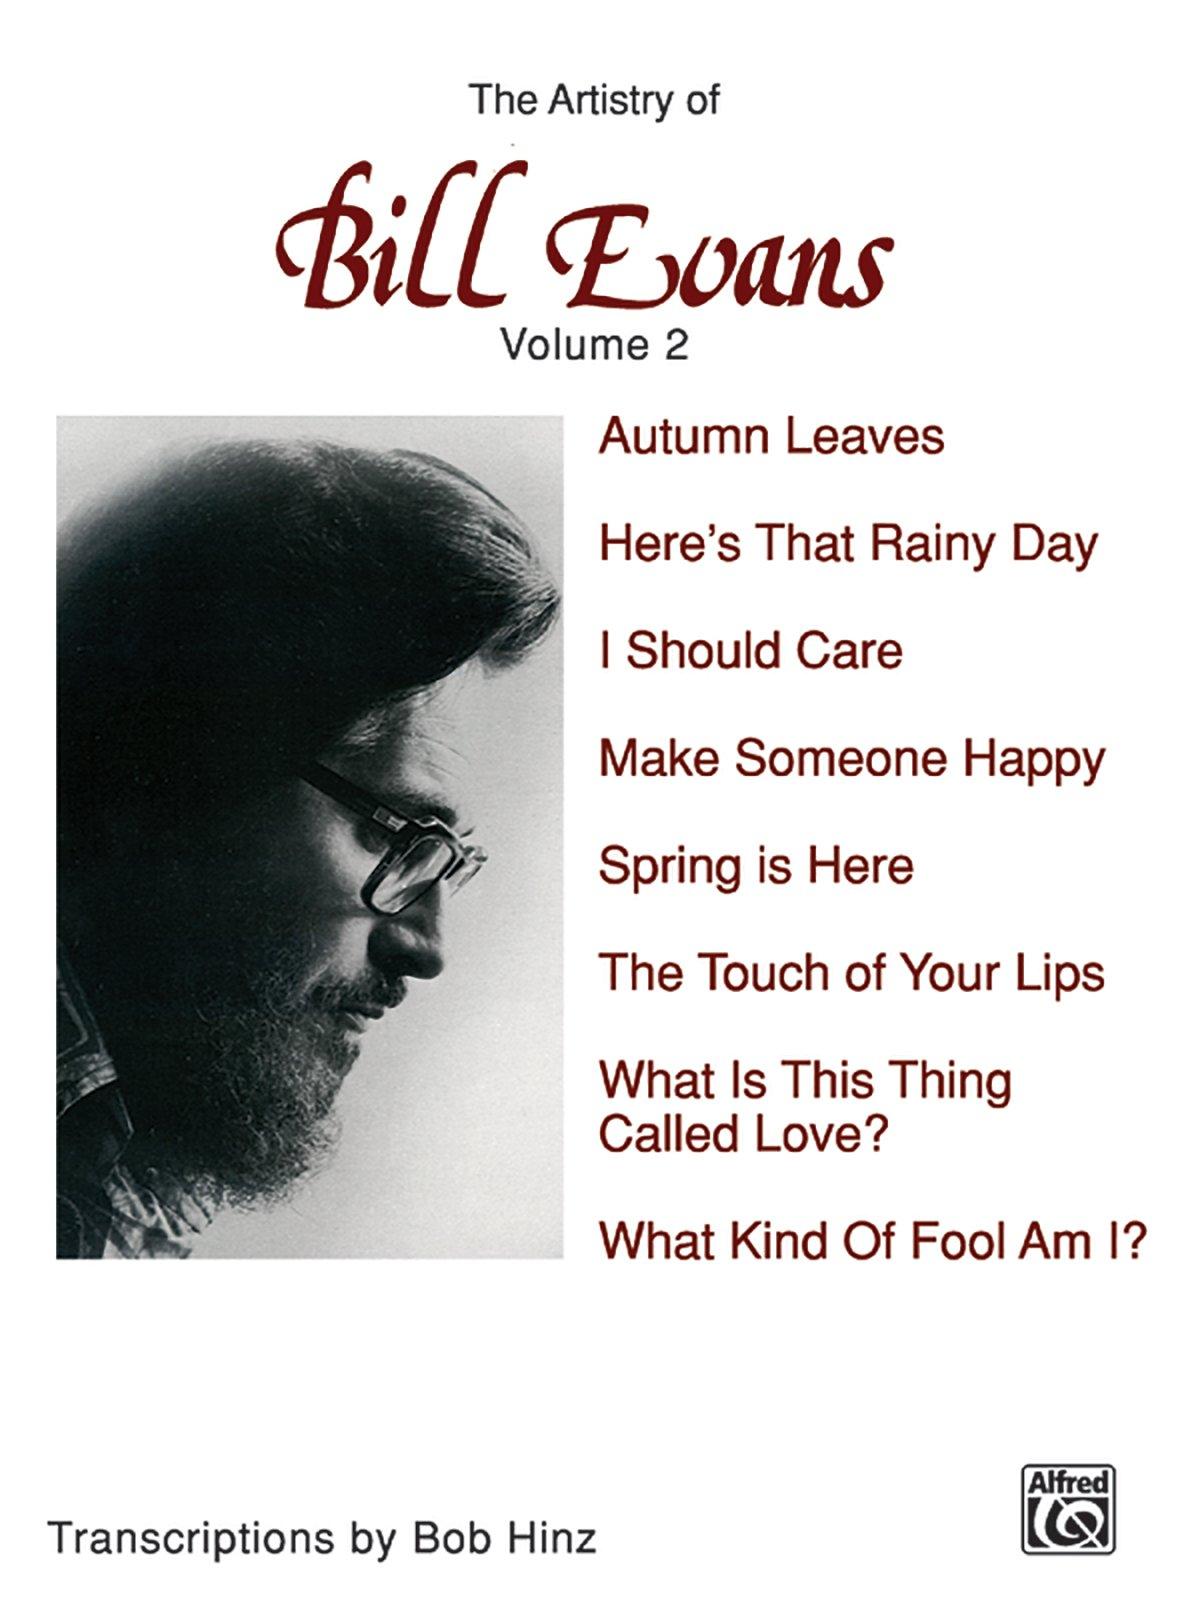 artistry_of_bill_evans